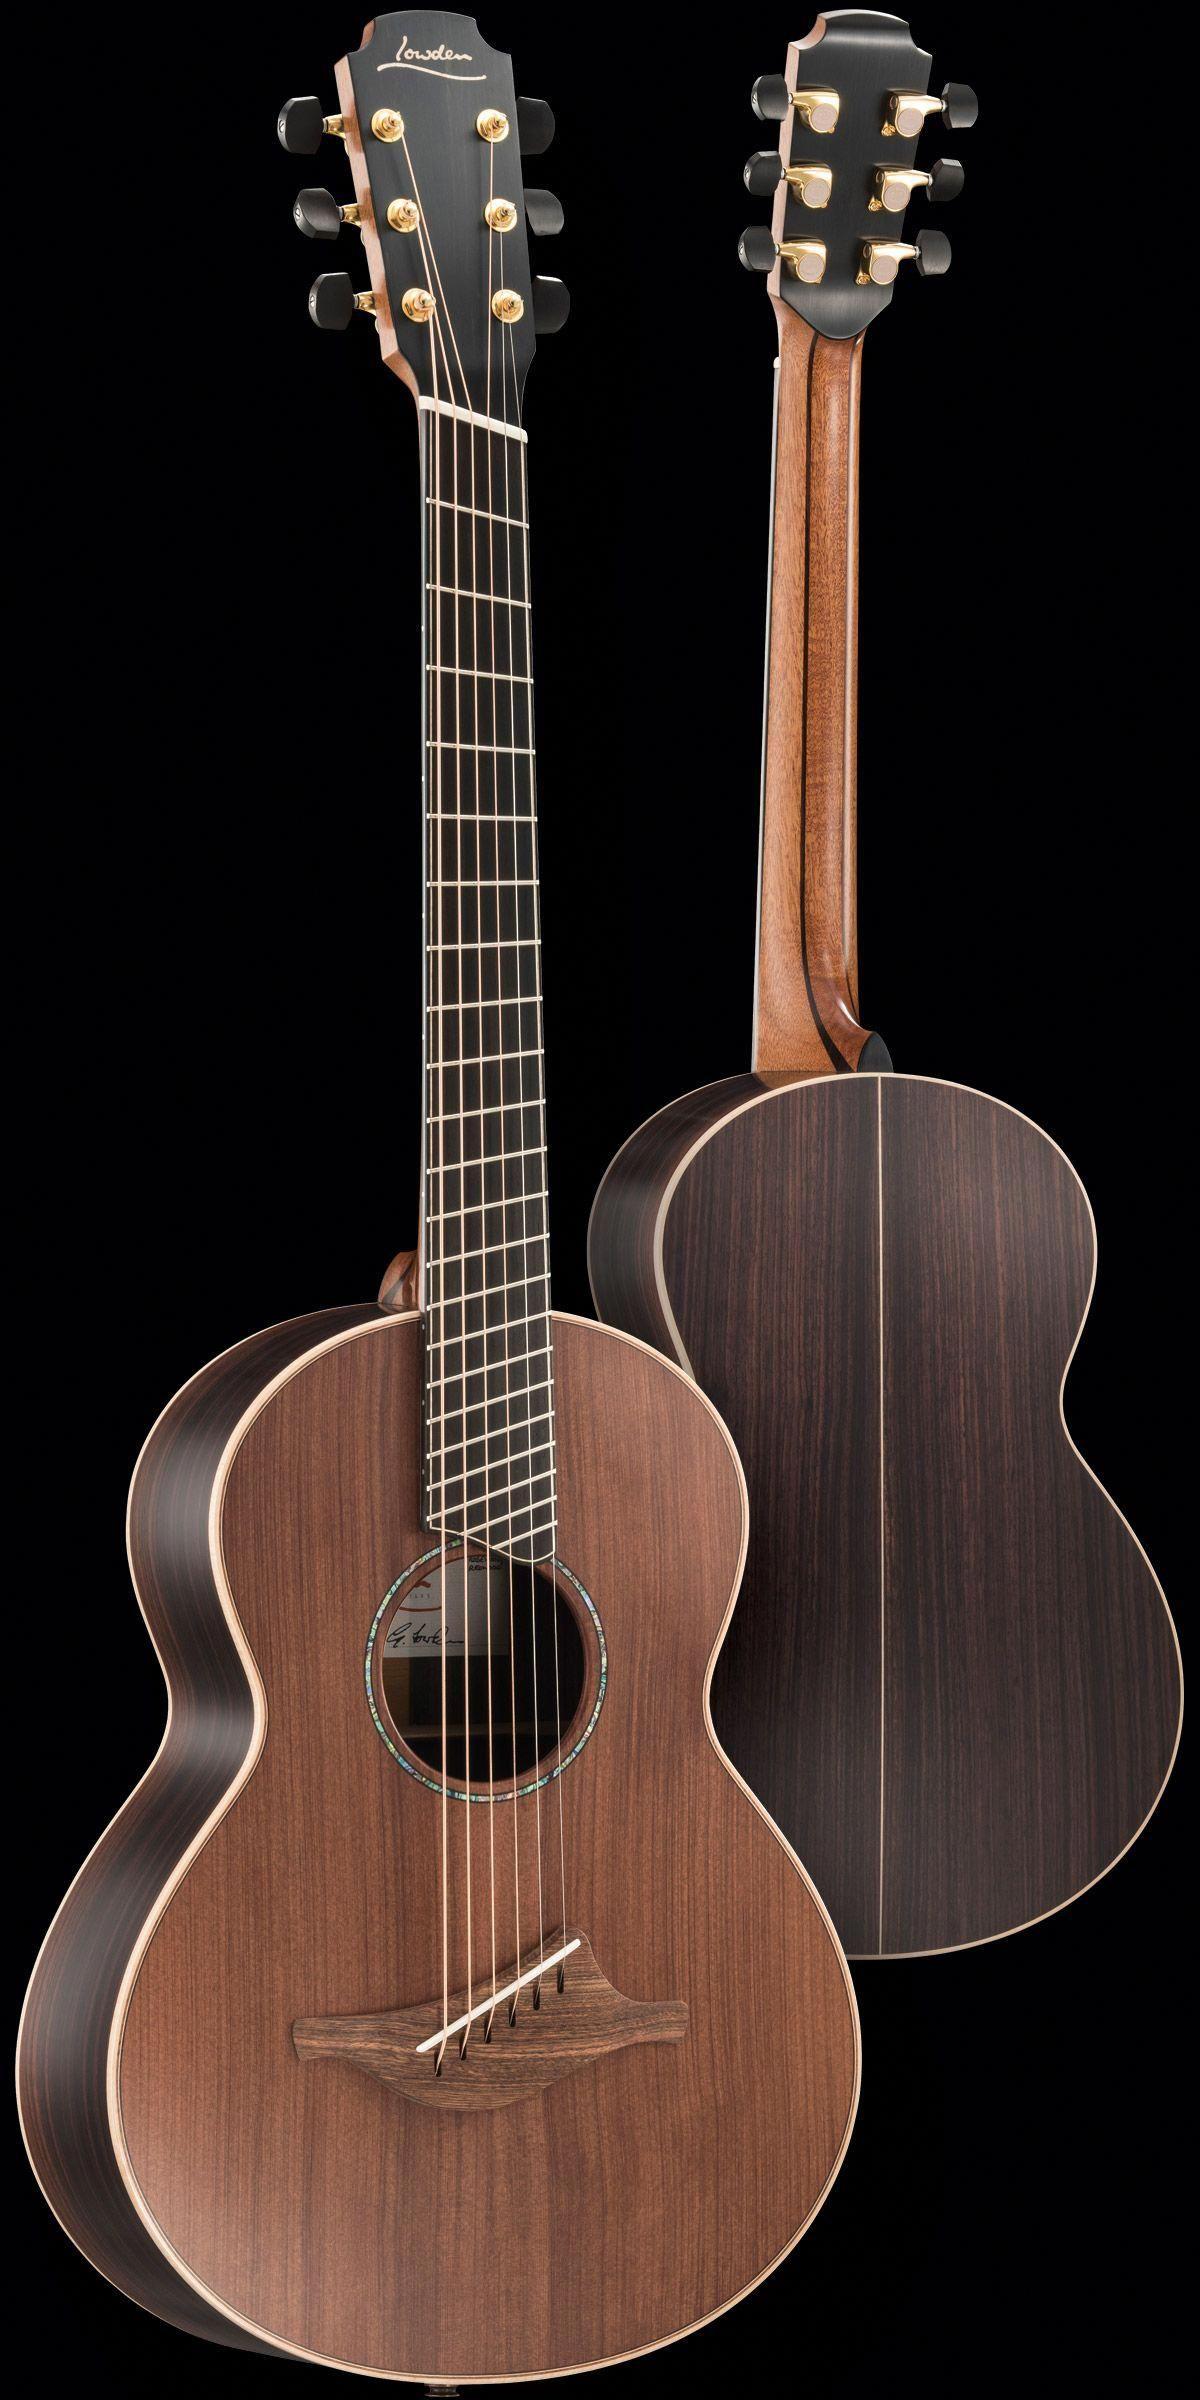 25 Marvelous Acoustic Guitar Picks For Beginners In 2020 Guitar Acoustic Best Acoustic Electric Guitar